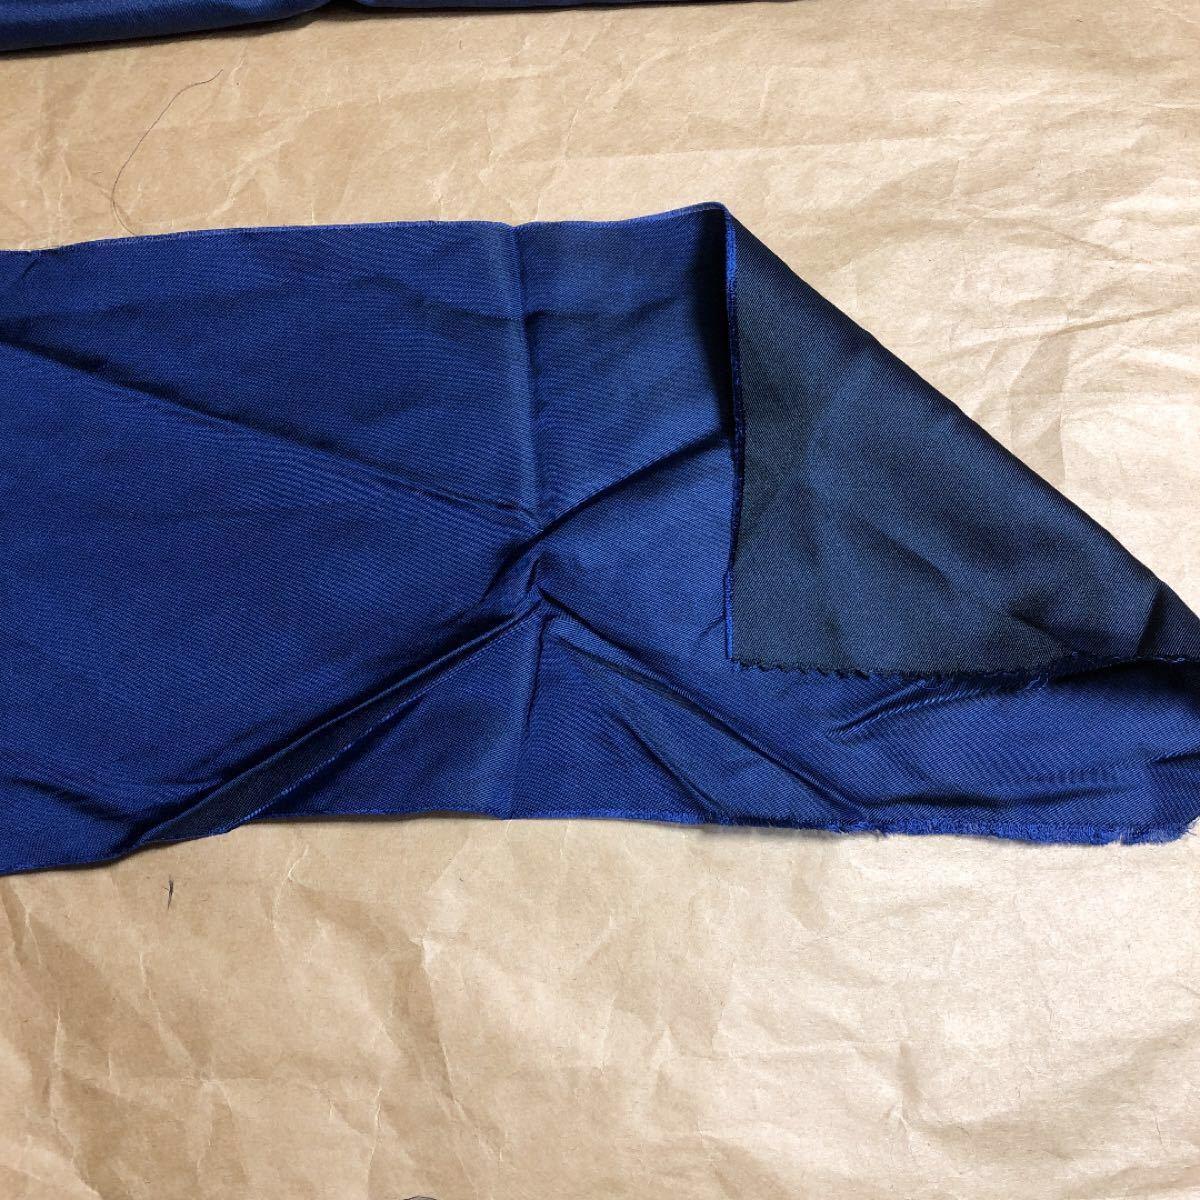 サテン 生地 紺色 サテン よごれ無し 有りの混合 ハンドメイド パッチワーク はぎれ 小物 インテリア等にも